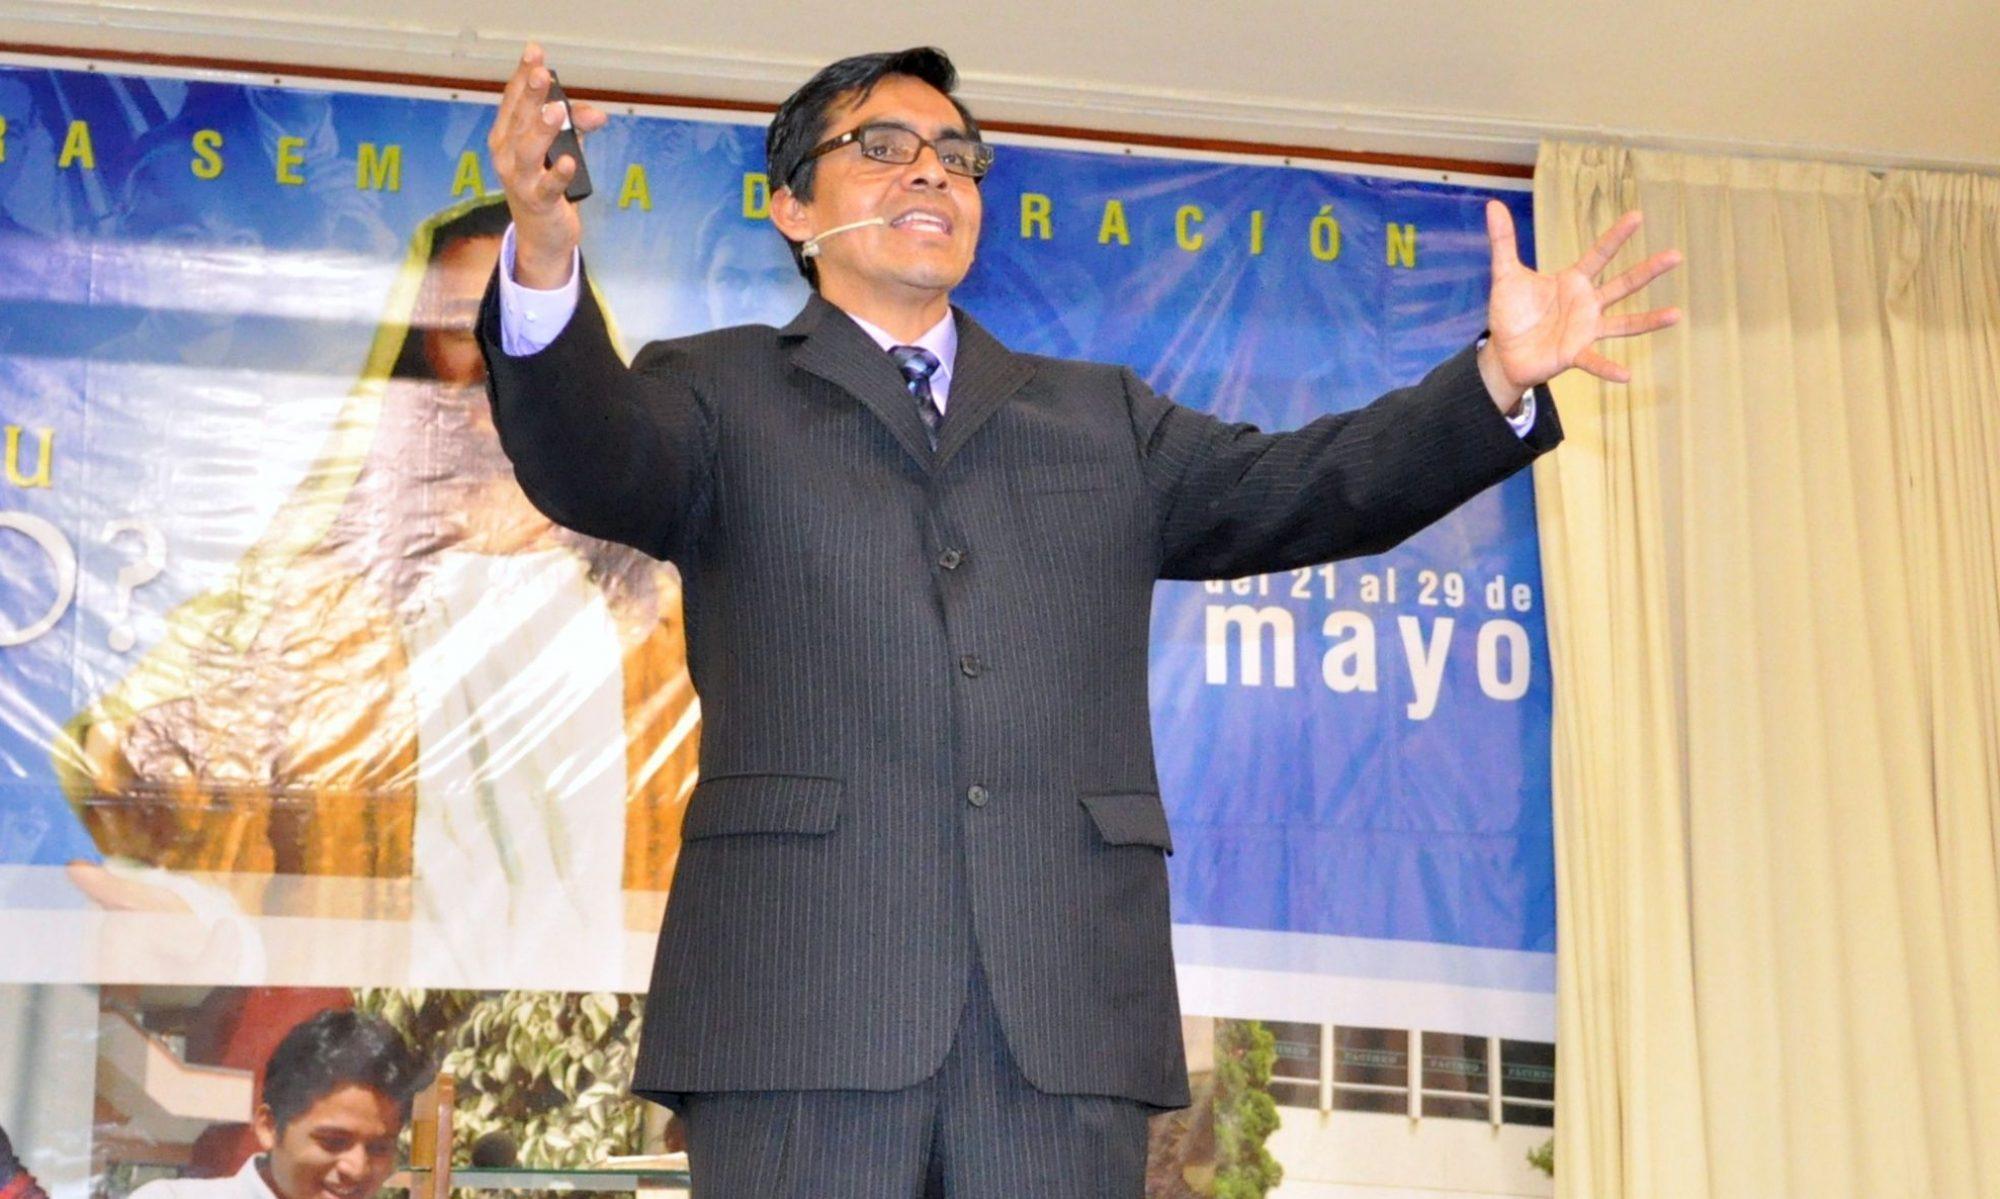 Hugo F. Chinchay, Sr. Ministries